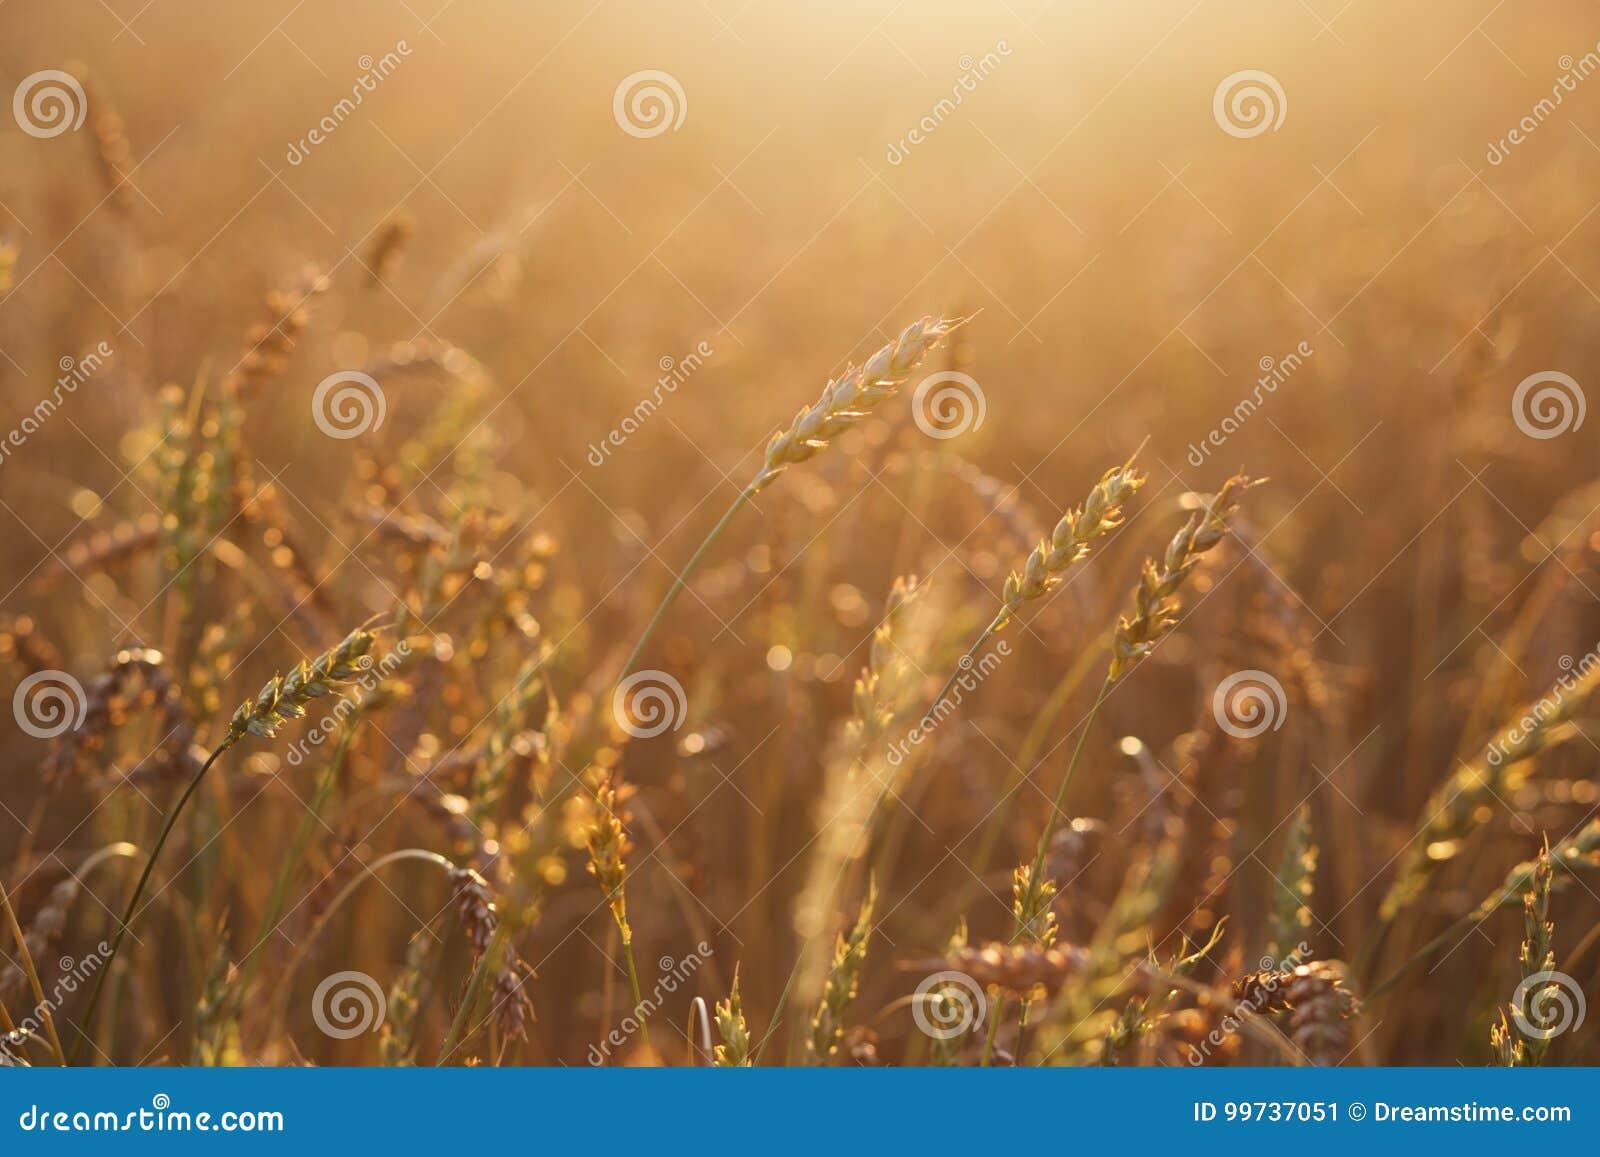 Feche acima das orelhas maduras do trigo Contexto bonito das orelhas de amadurecimento do campo dourado Fundo da natureza e bokeh